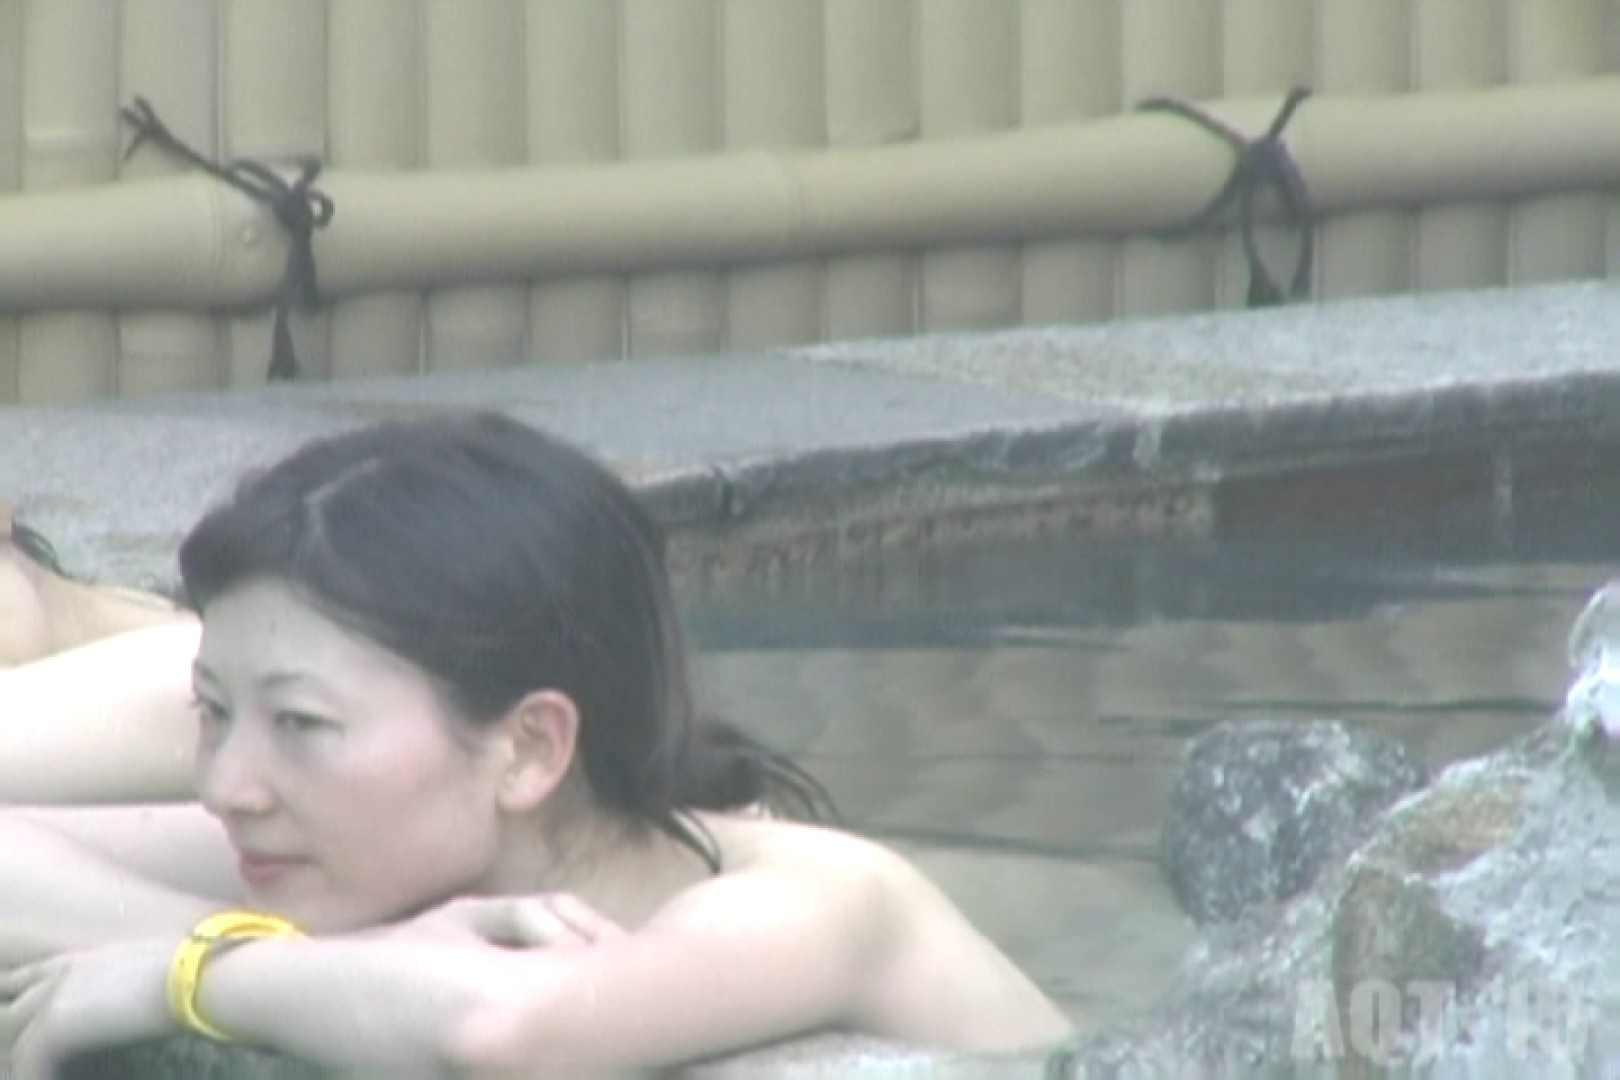 Aquaな露天風呂Vol.835 盗撮   OLのエロ生活  65連発 13